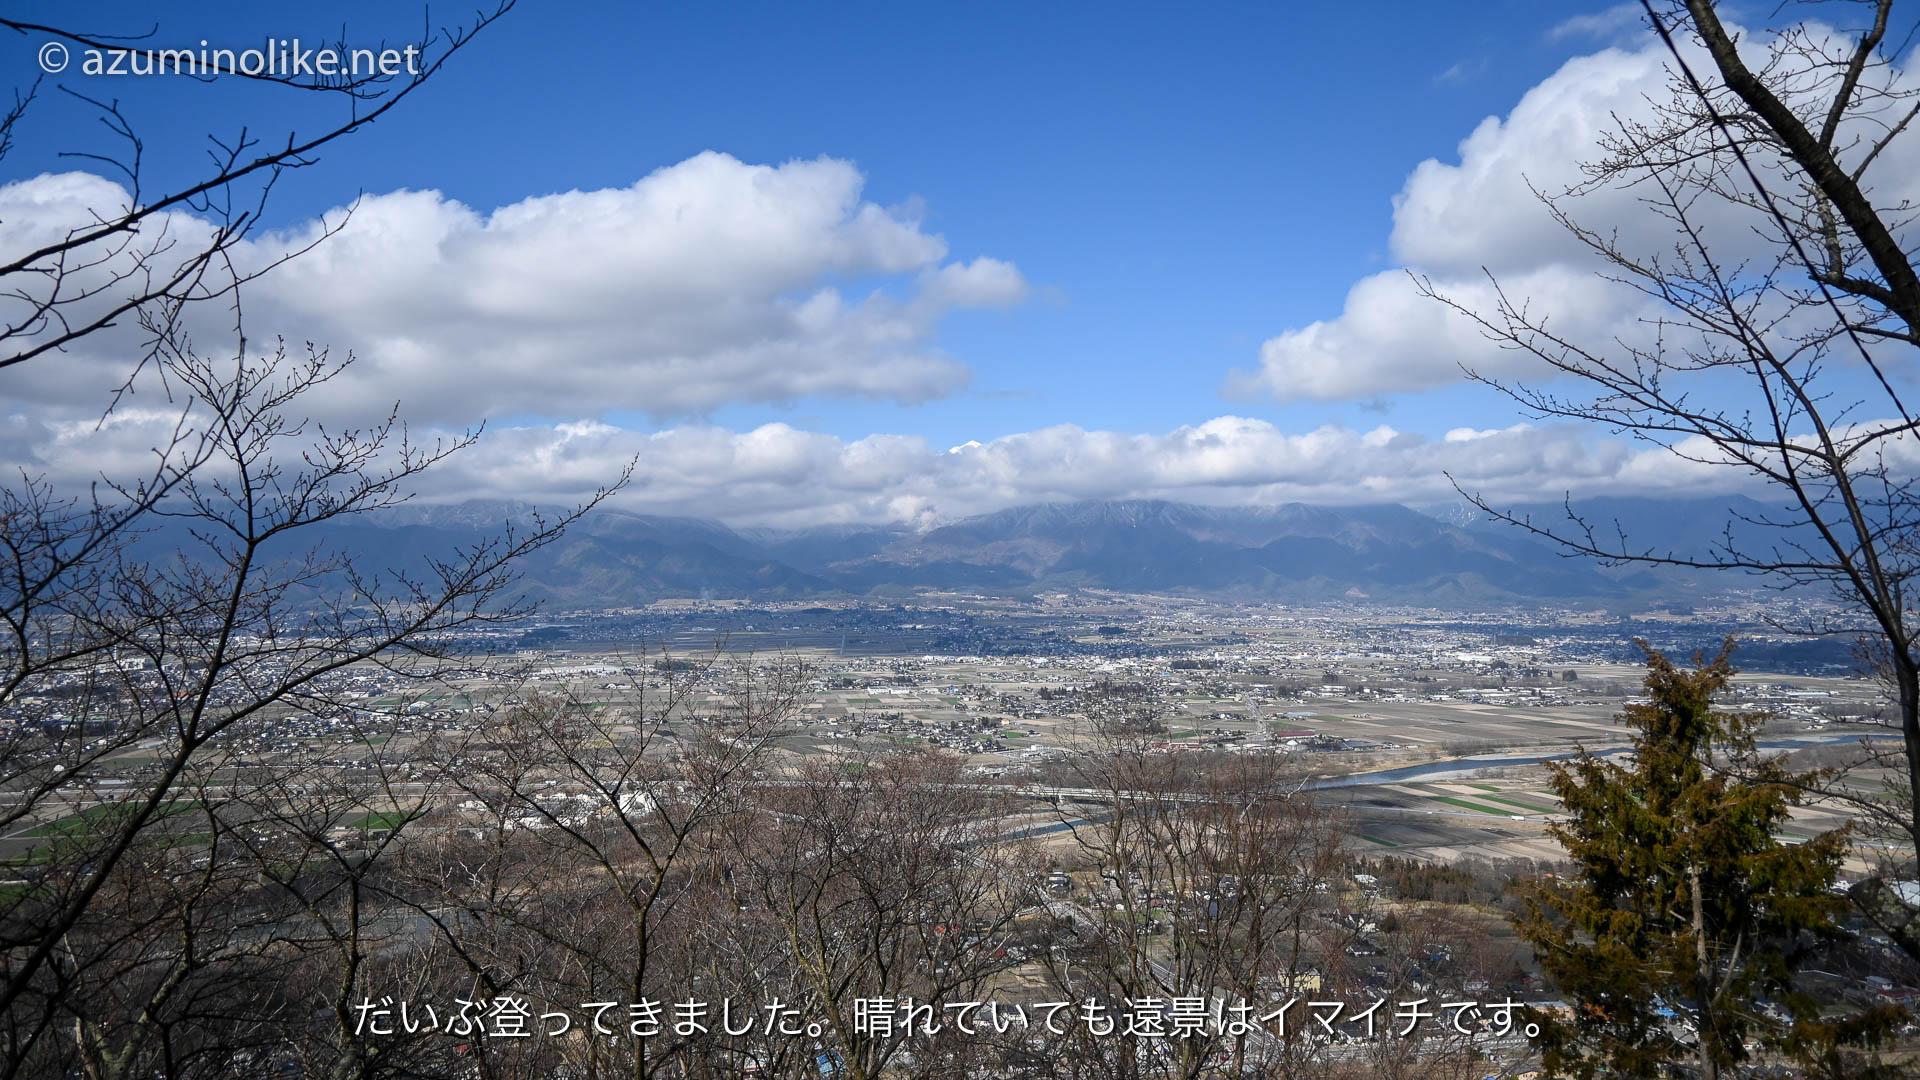 hikari312_ページ_05